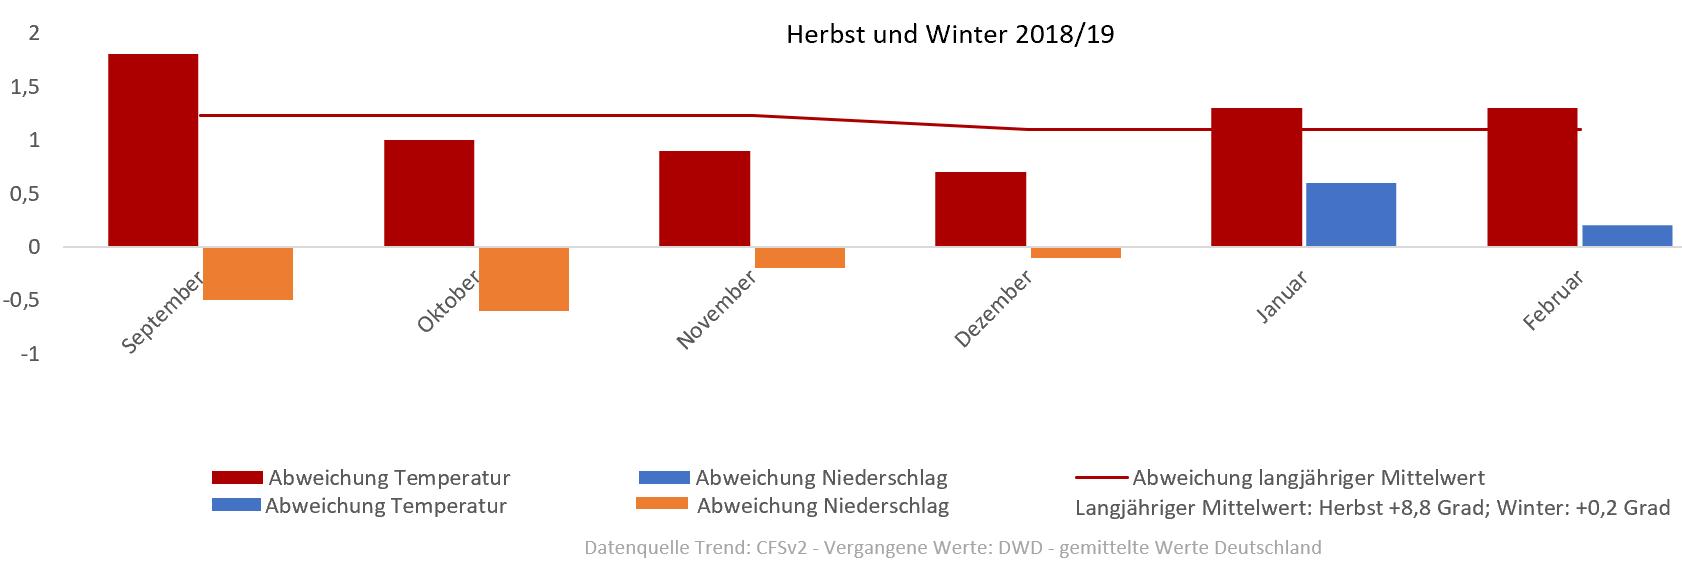 Wetter Herbst Und Winter 201819 Aktuelle Wetterprognose Vom 0810